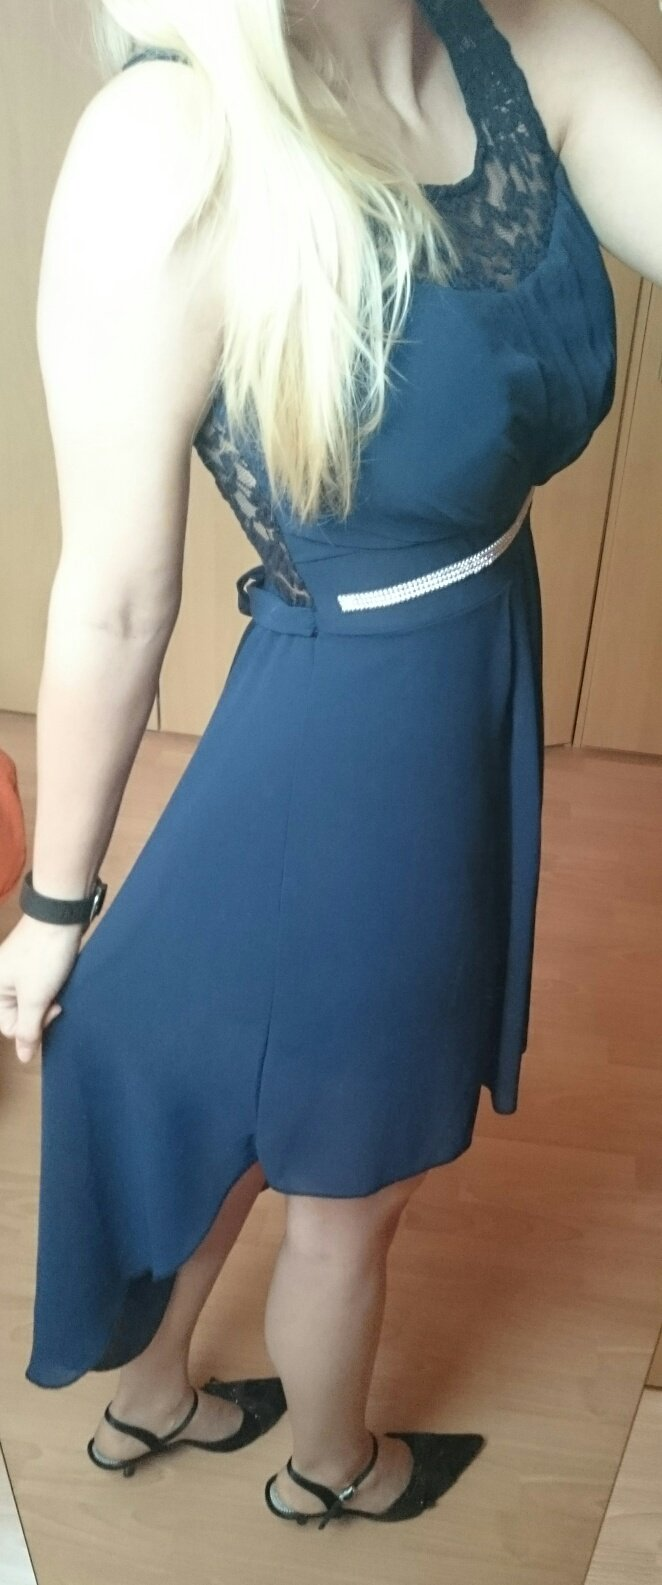 dunkelblaues kleid vorne kurz hinten lang